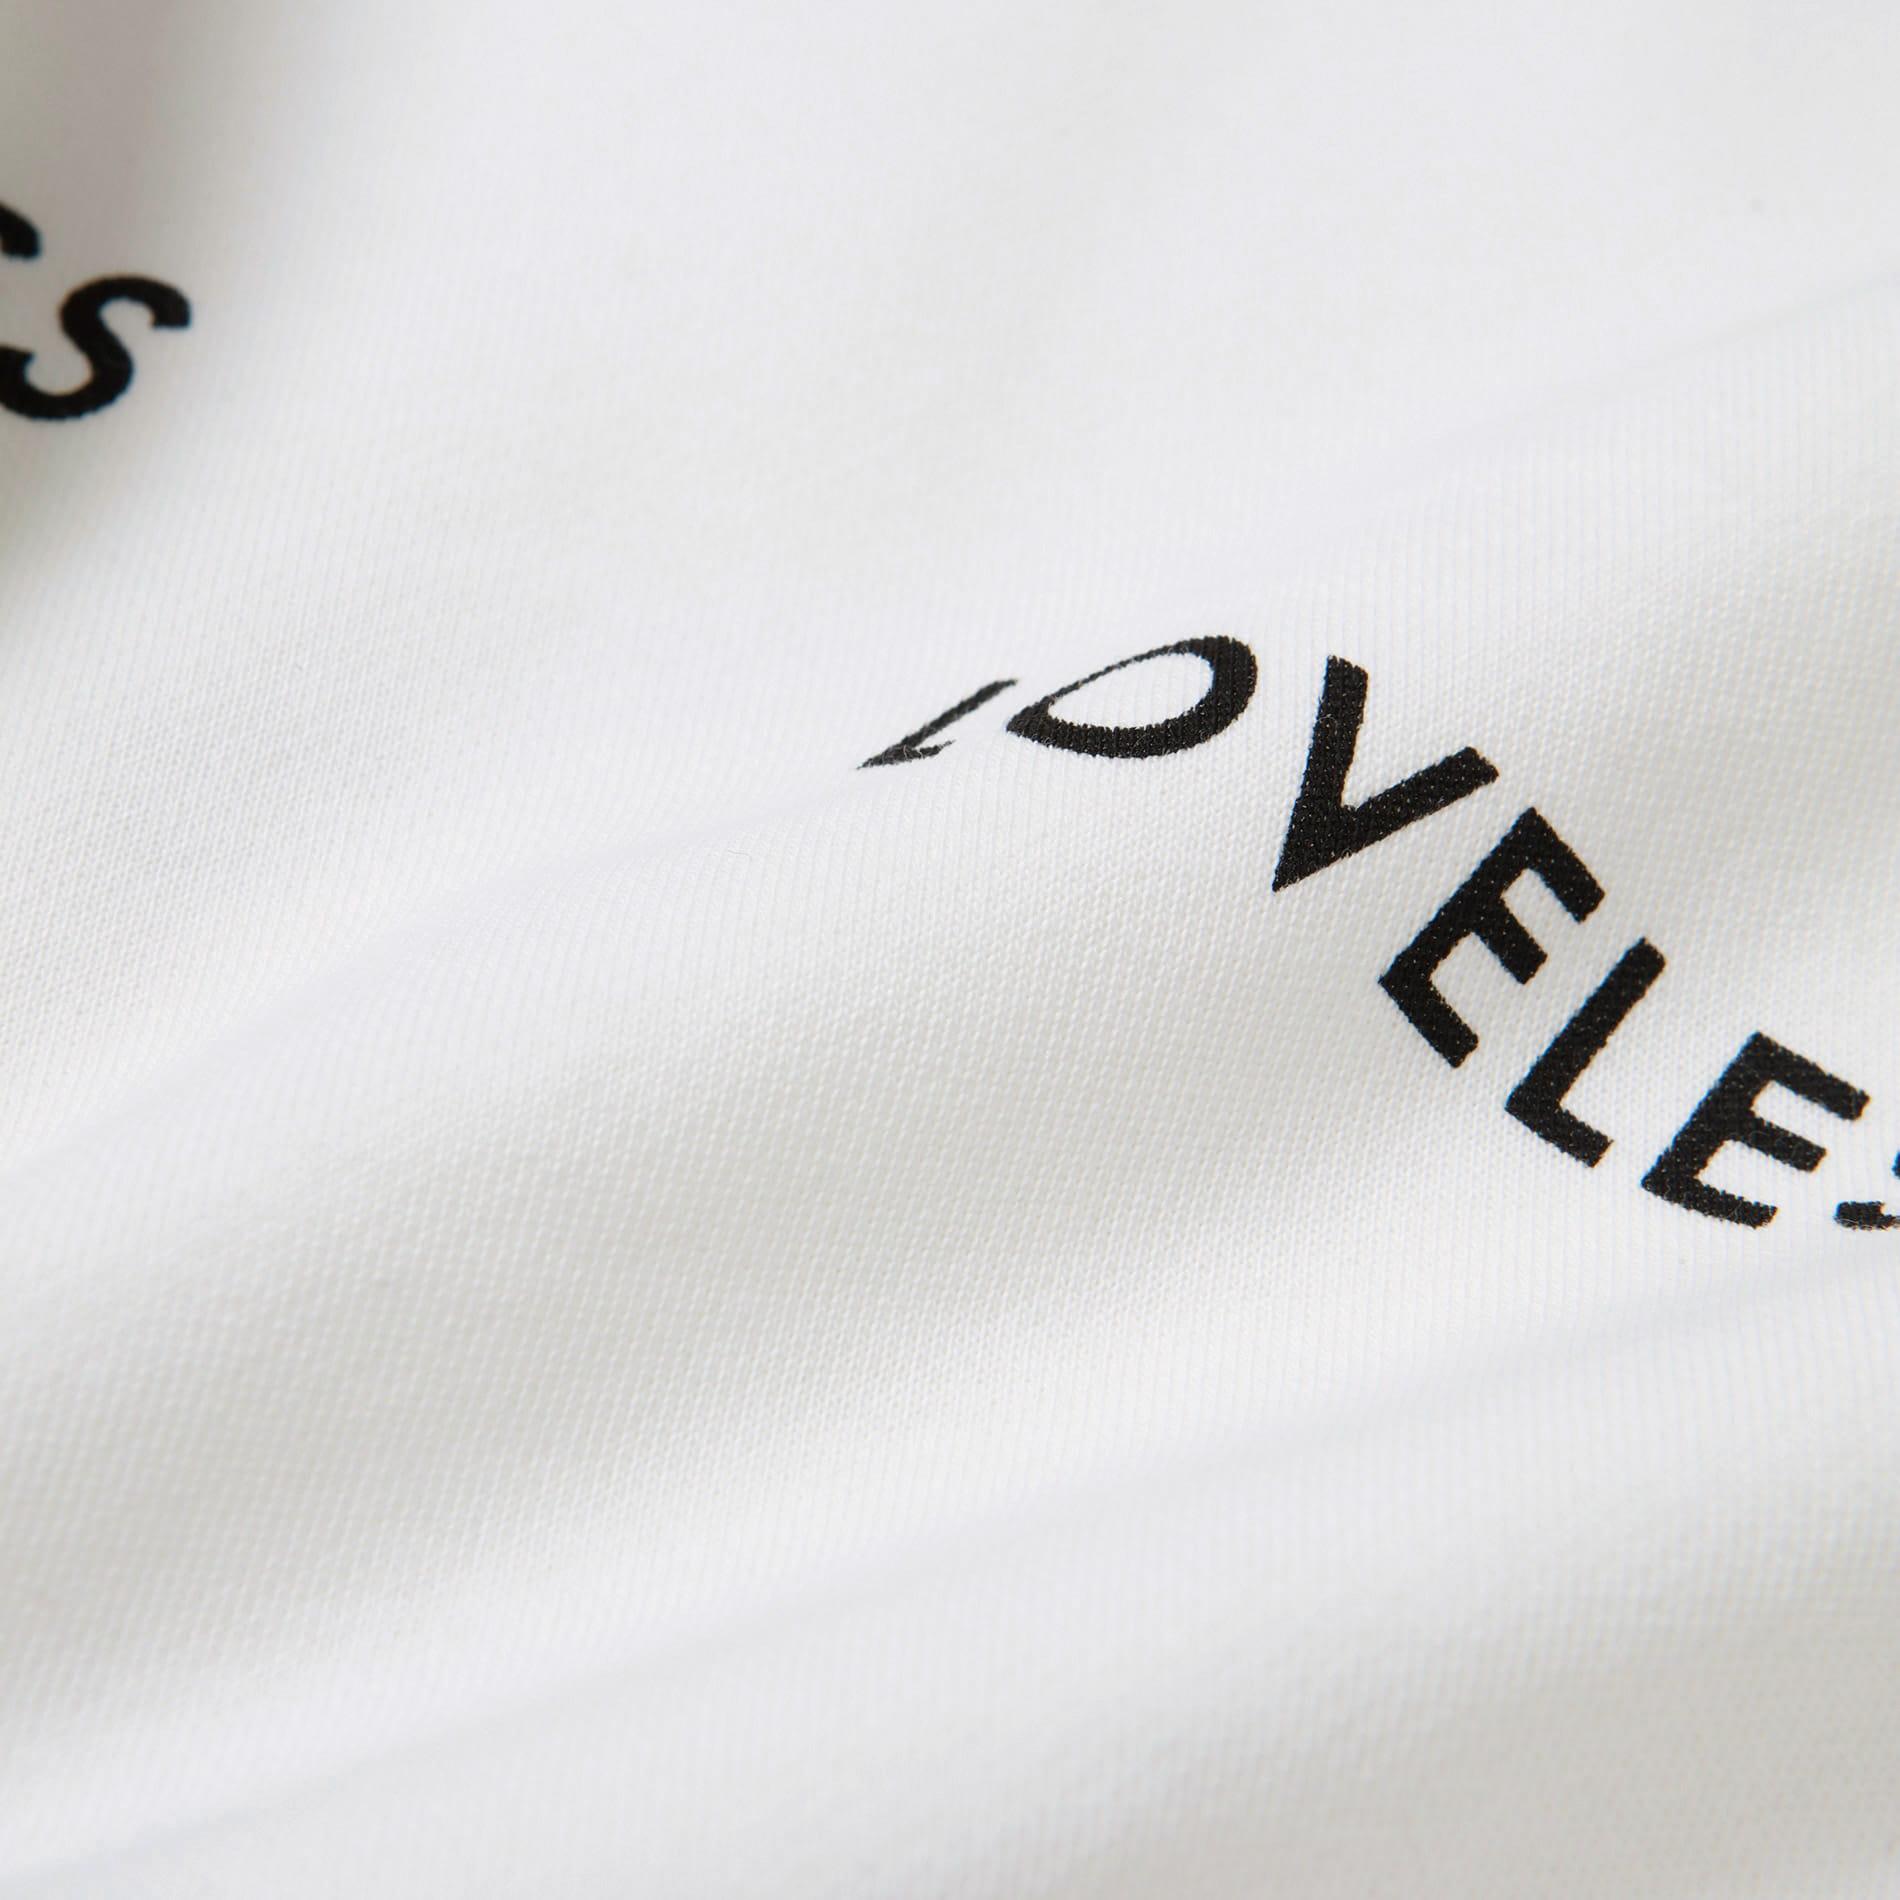 LOVELESSロゴスウェットトップス